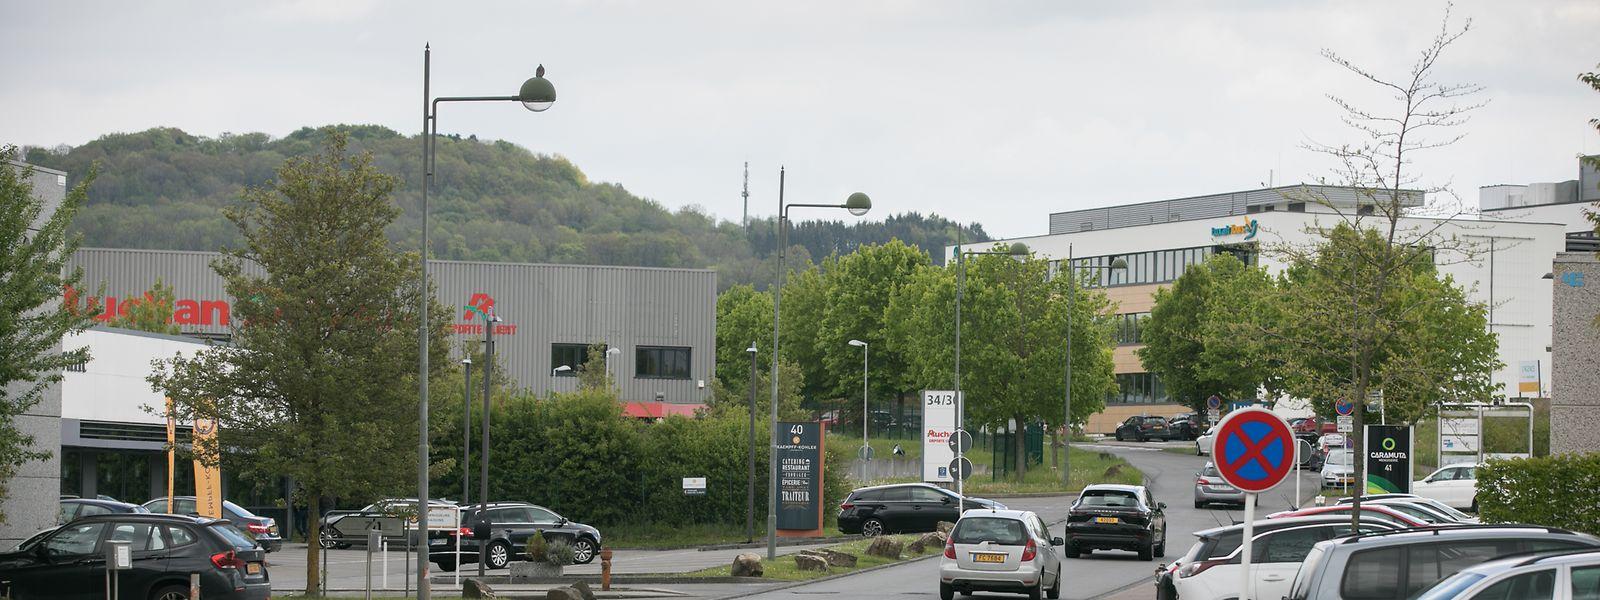 Le projet «Caddy 2» pourrait voir le jour dans le bâtiment industriel qui abrite déjà le drive d'Auchan dans la zone d'activité Munsbach à Schuttrange.